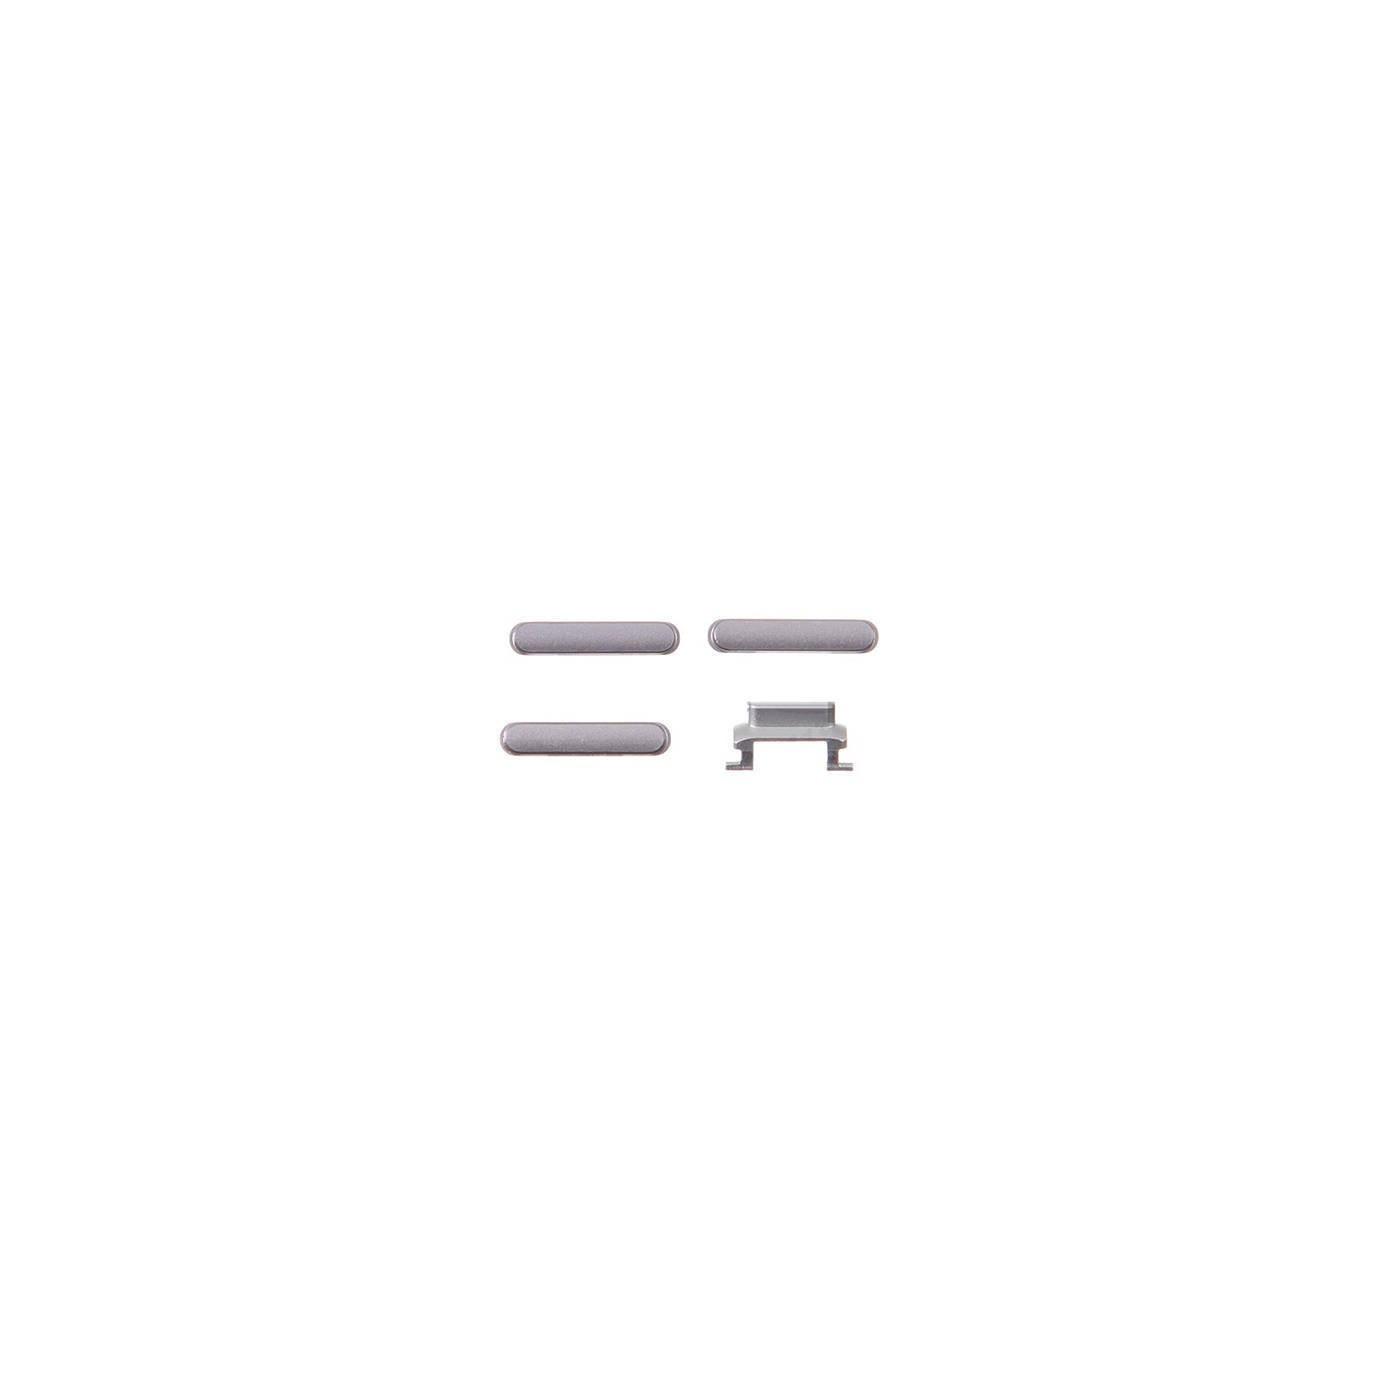 kit 3 en 1 clés pour apple iphone 6 plus volume gris et allumage silencieux